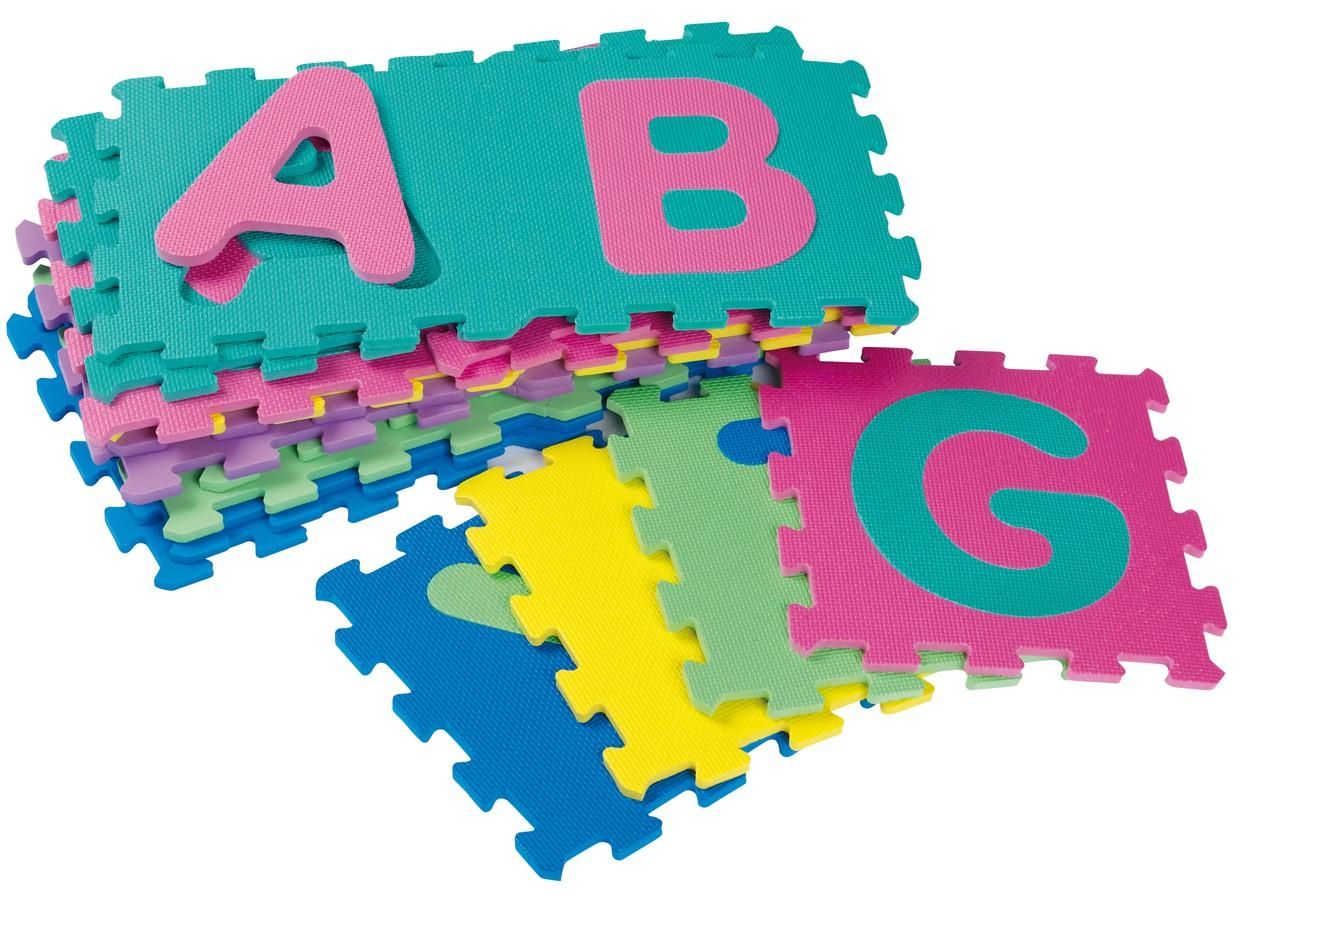 jouet puzzle de sol tapis mousse enfant b b dalles alphabet abc. Black Bedroom Furniture Sets. Home Design Ideas